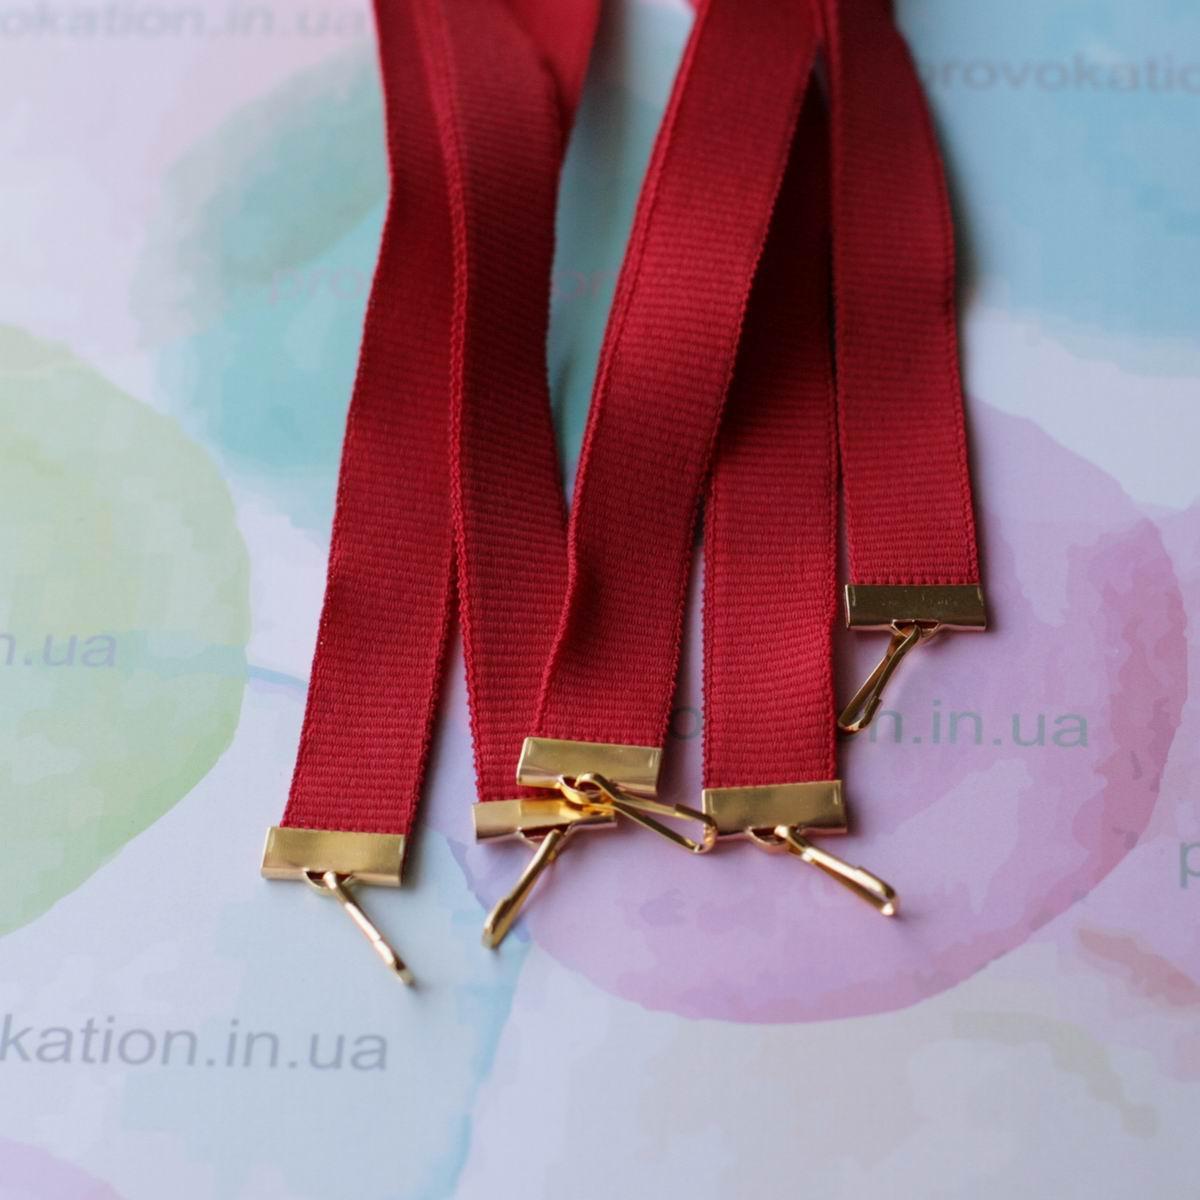 Репсовая лента для медалей и наград, красная, 15мм, 65см